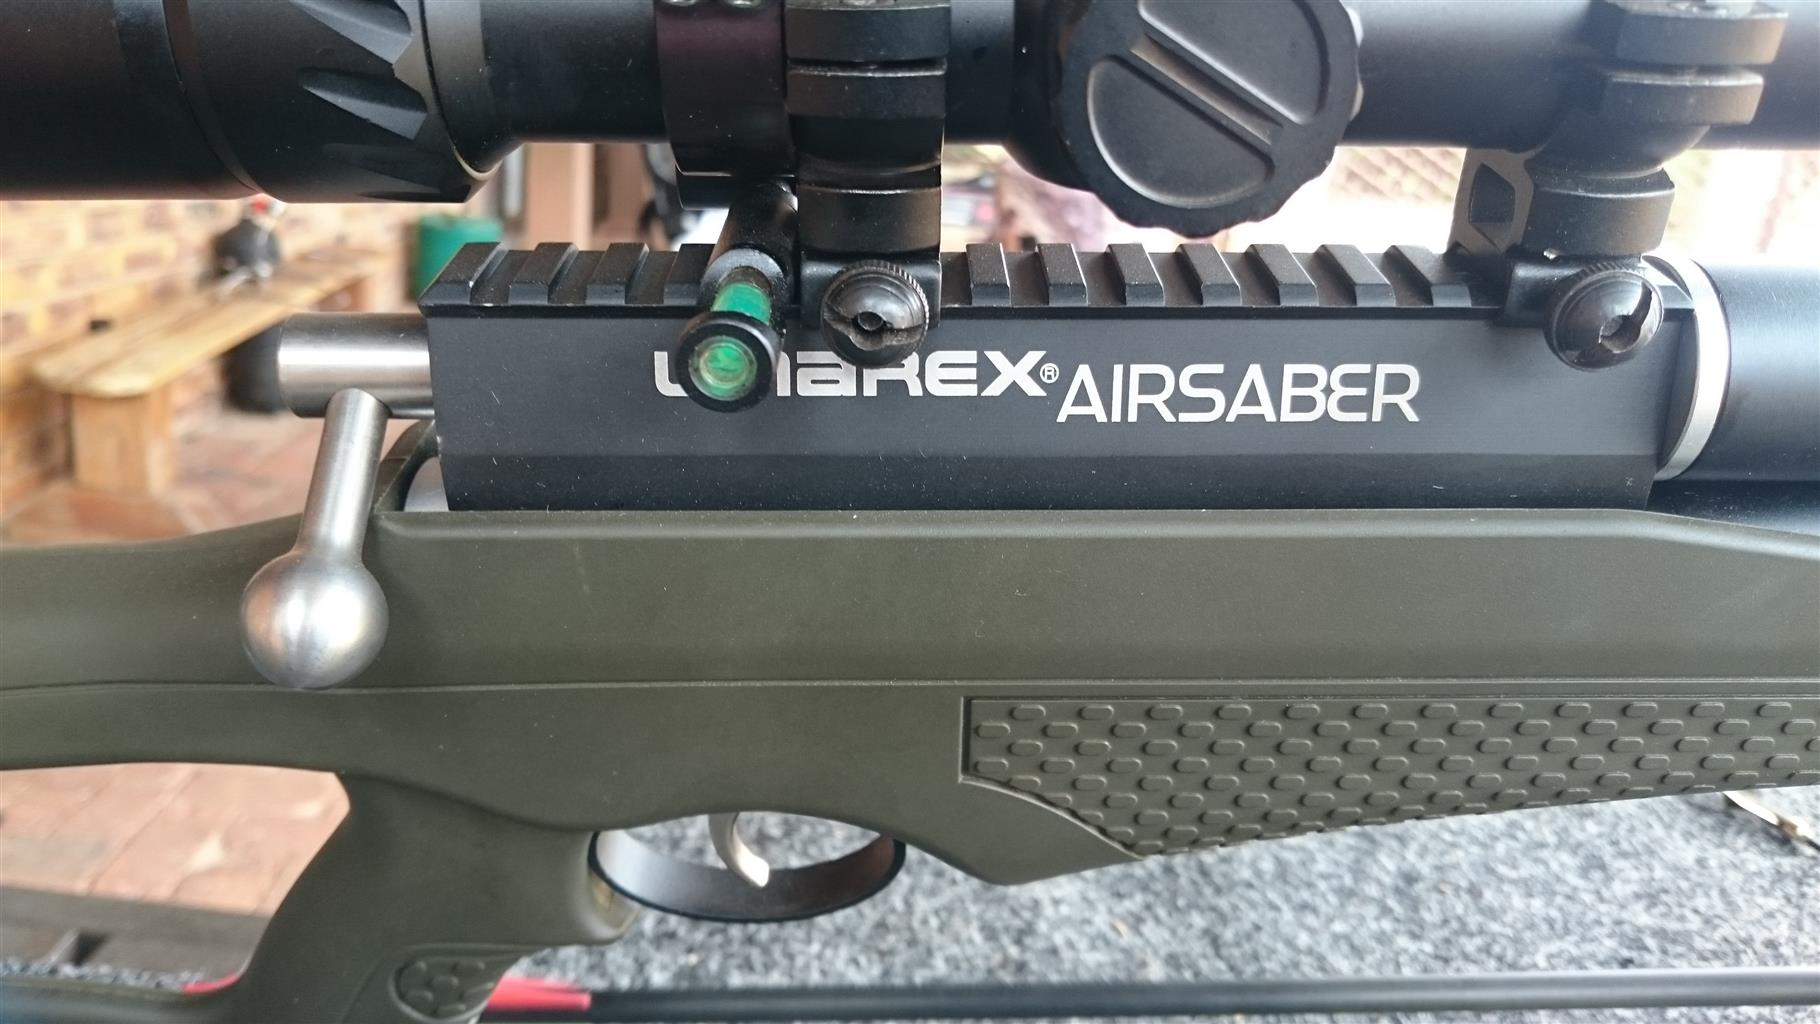 Umarex Air Saber PCP AIR Archery Rifle